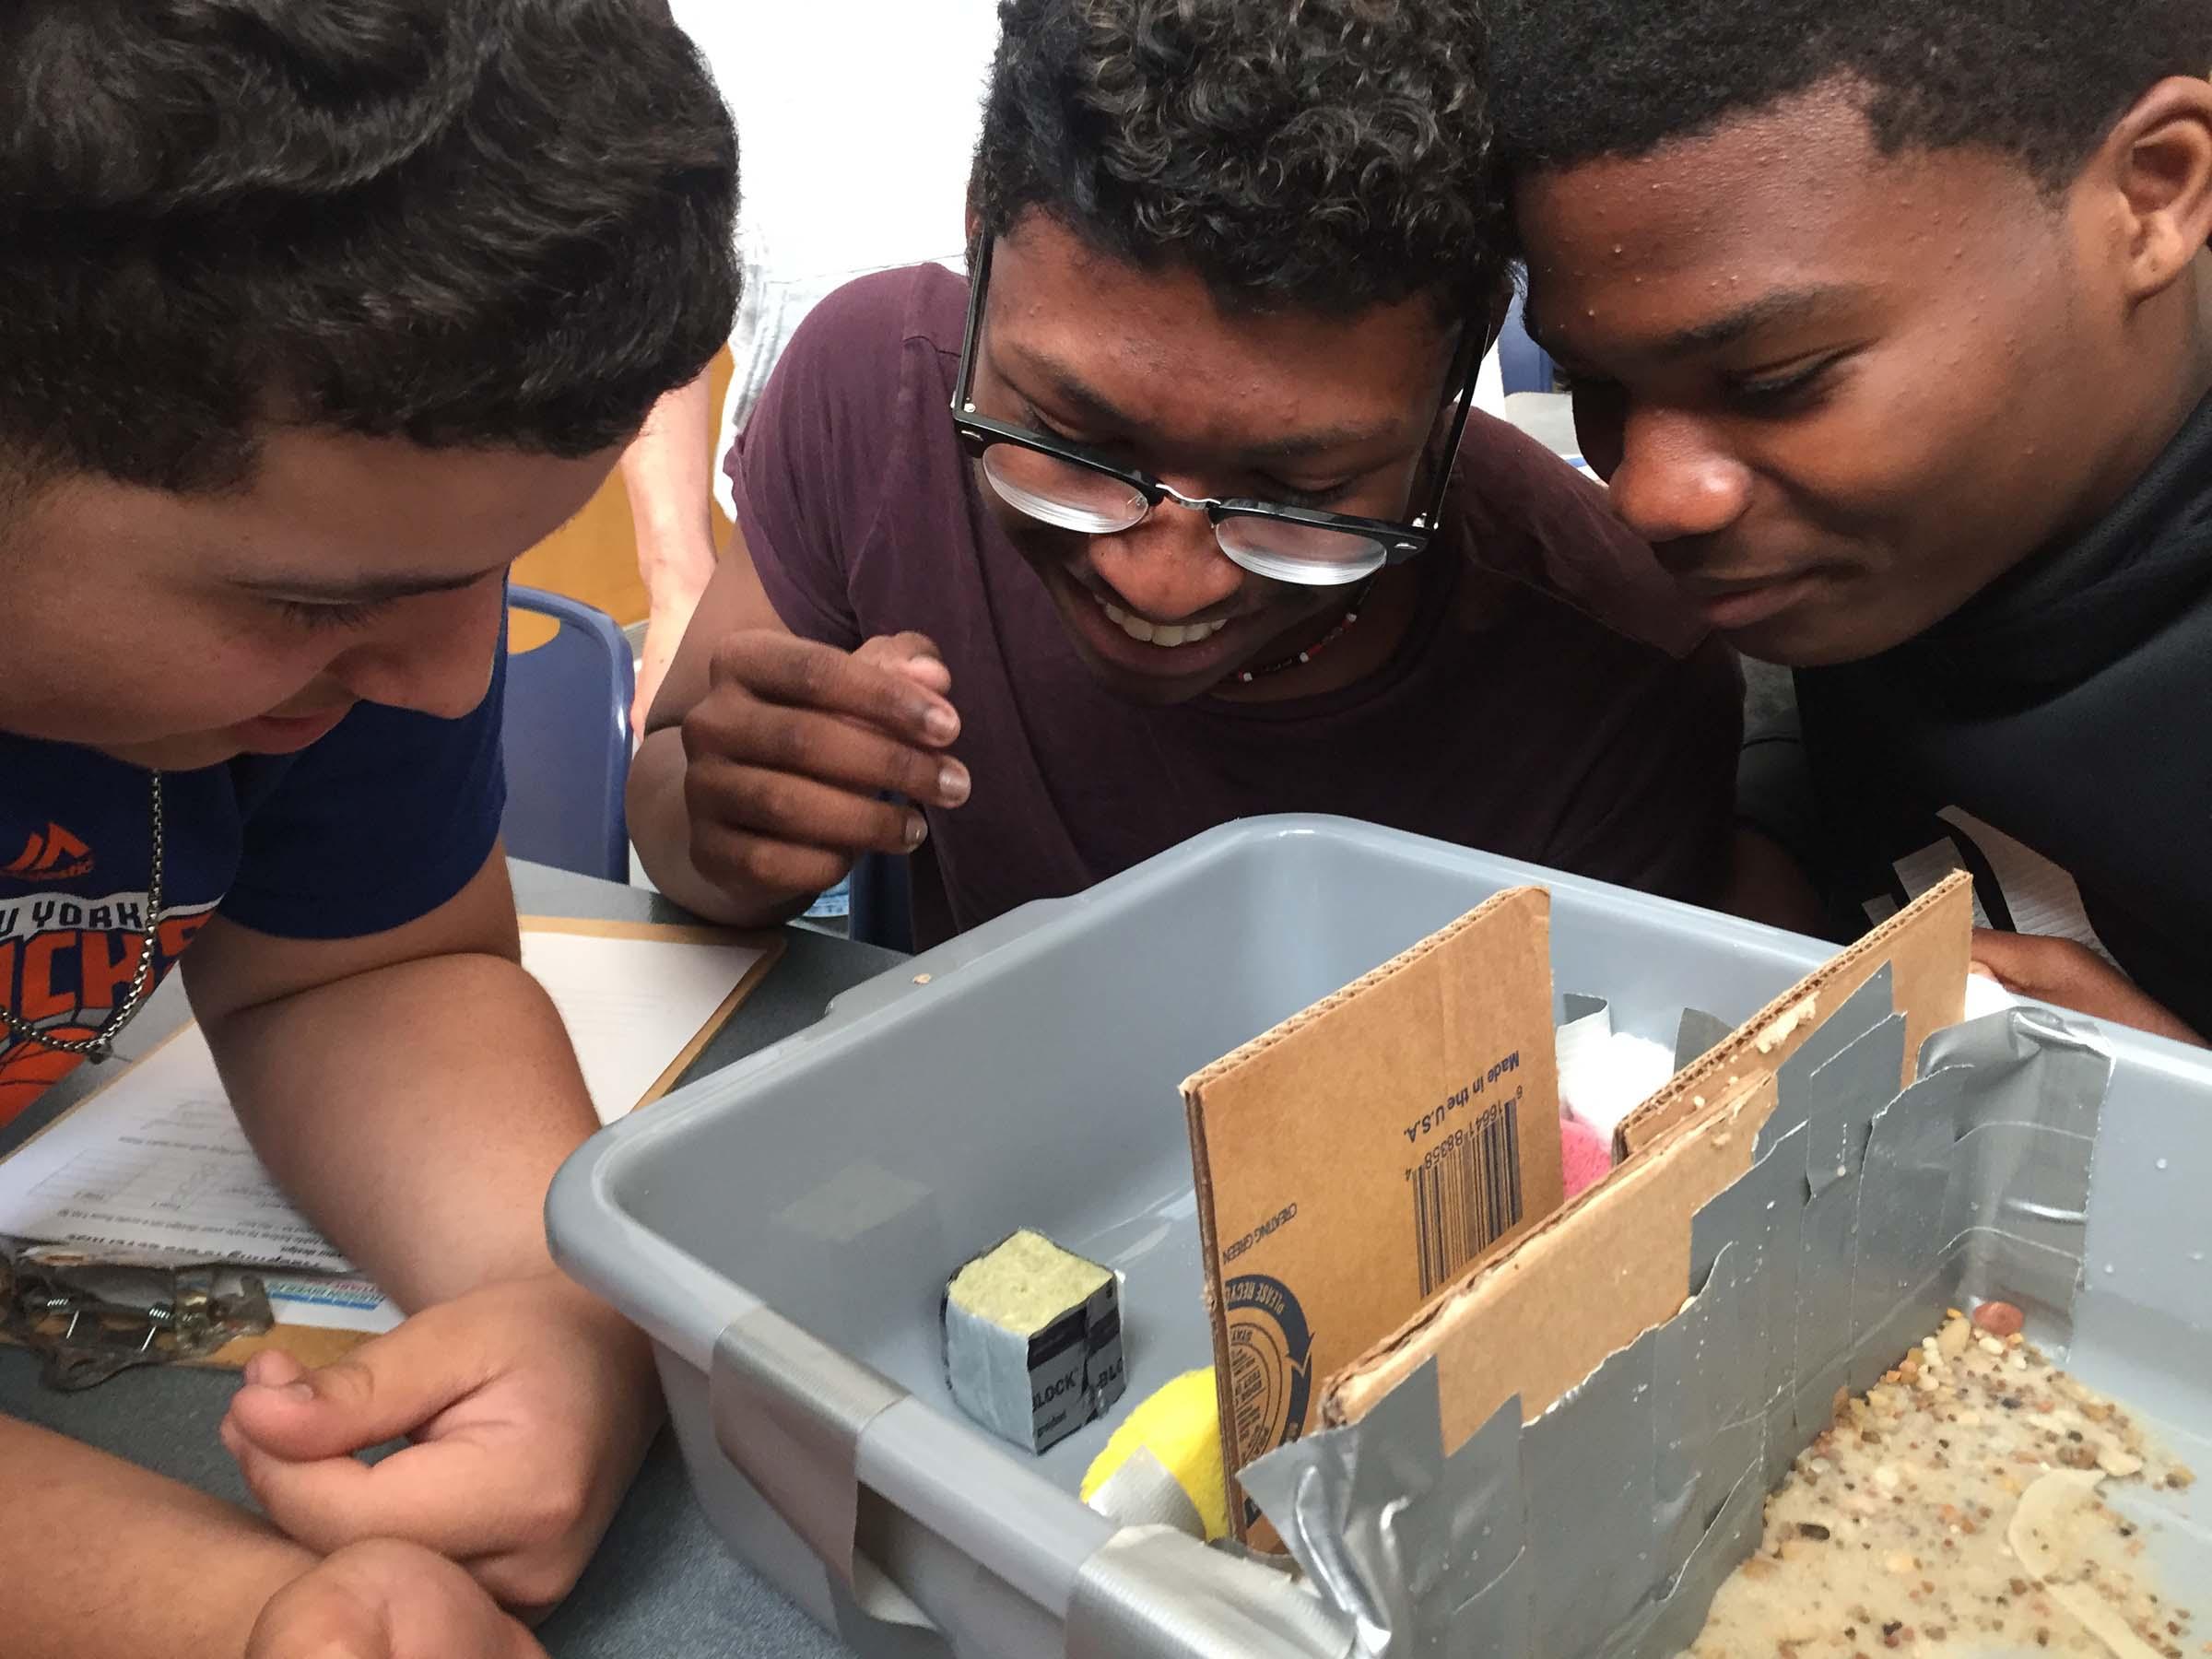 A group of kids build an terrarium